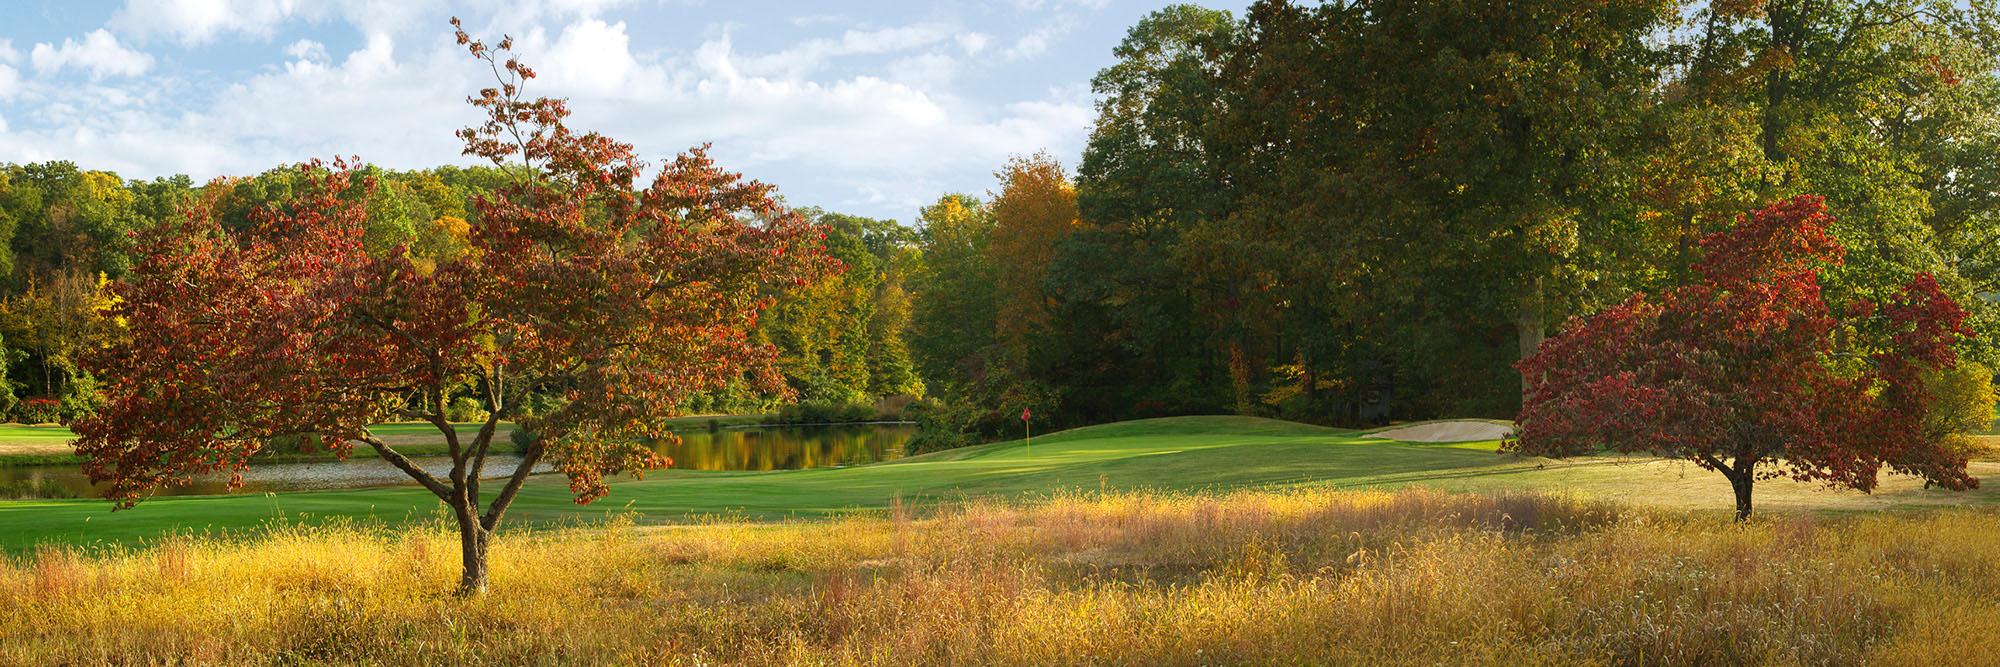 Golf Course Image - The Tuxedo Club No. 7